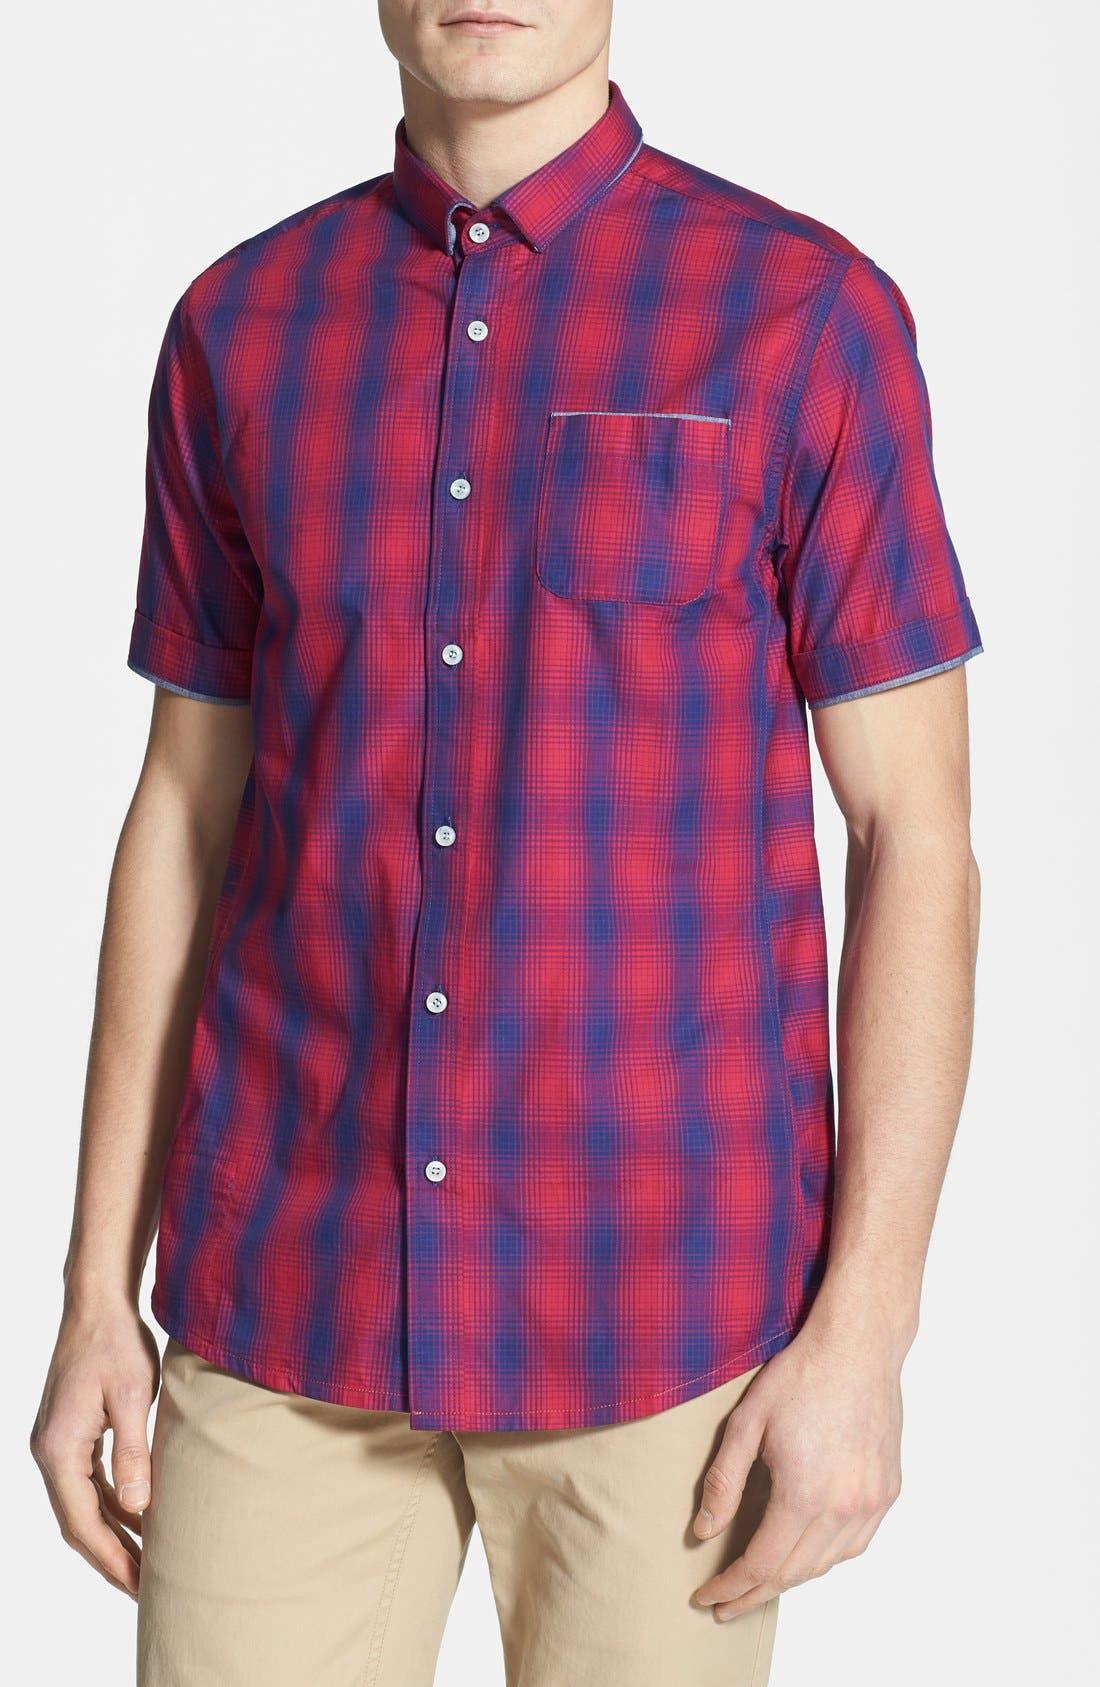 Main Image - Descendant of Thieves Ombré Short Sleeve Plaid Shirt